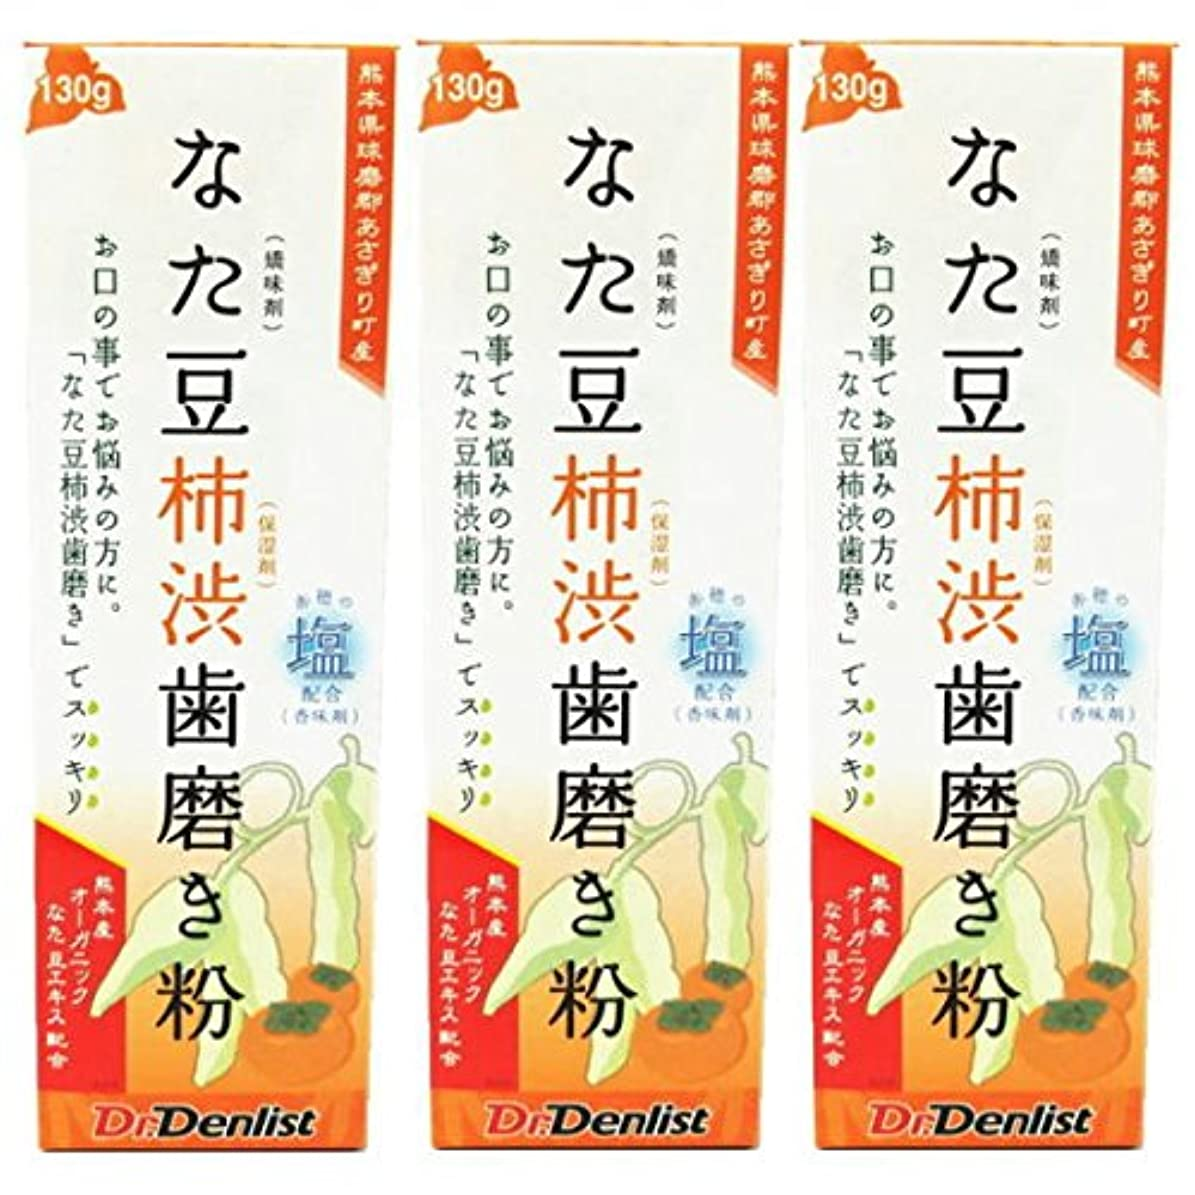 葉を集める事務所禁止なた豆柿渋歯磨き 130g 3個セット 国産 有機なた豆使用 赤穂の塩配合(香味剤)